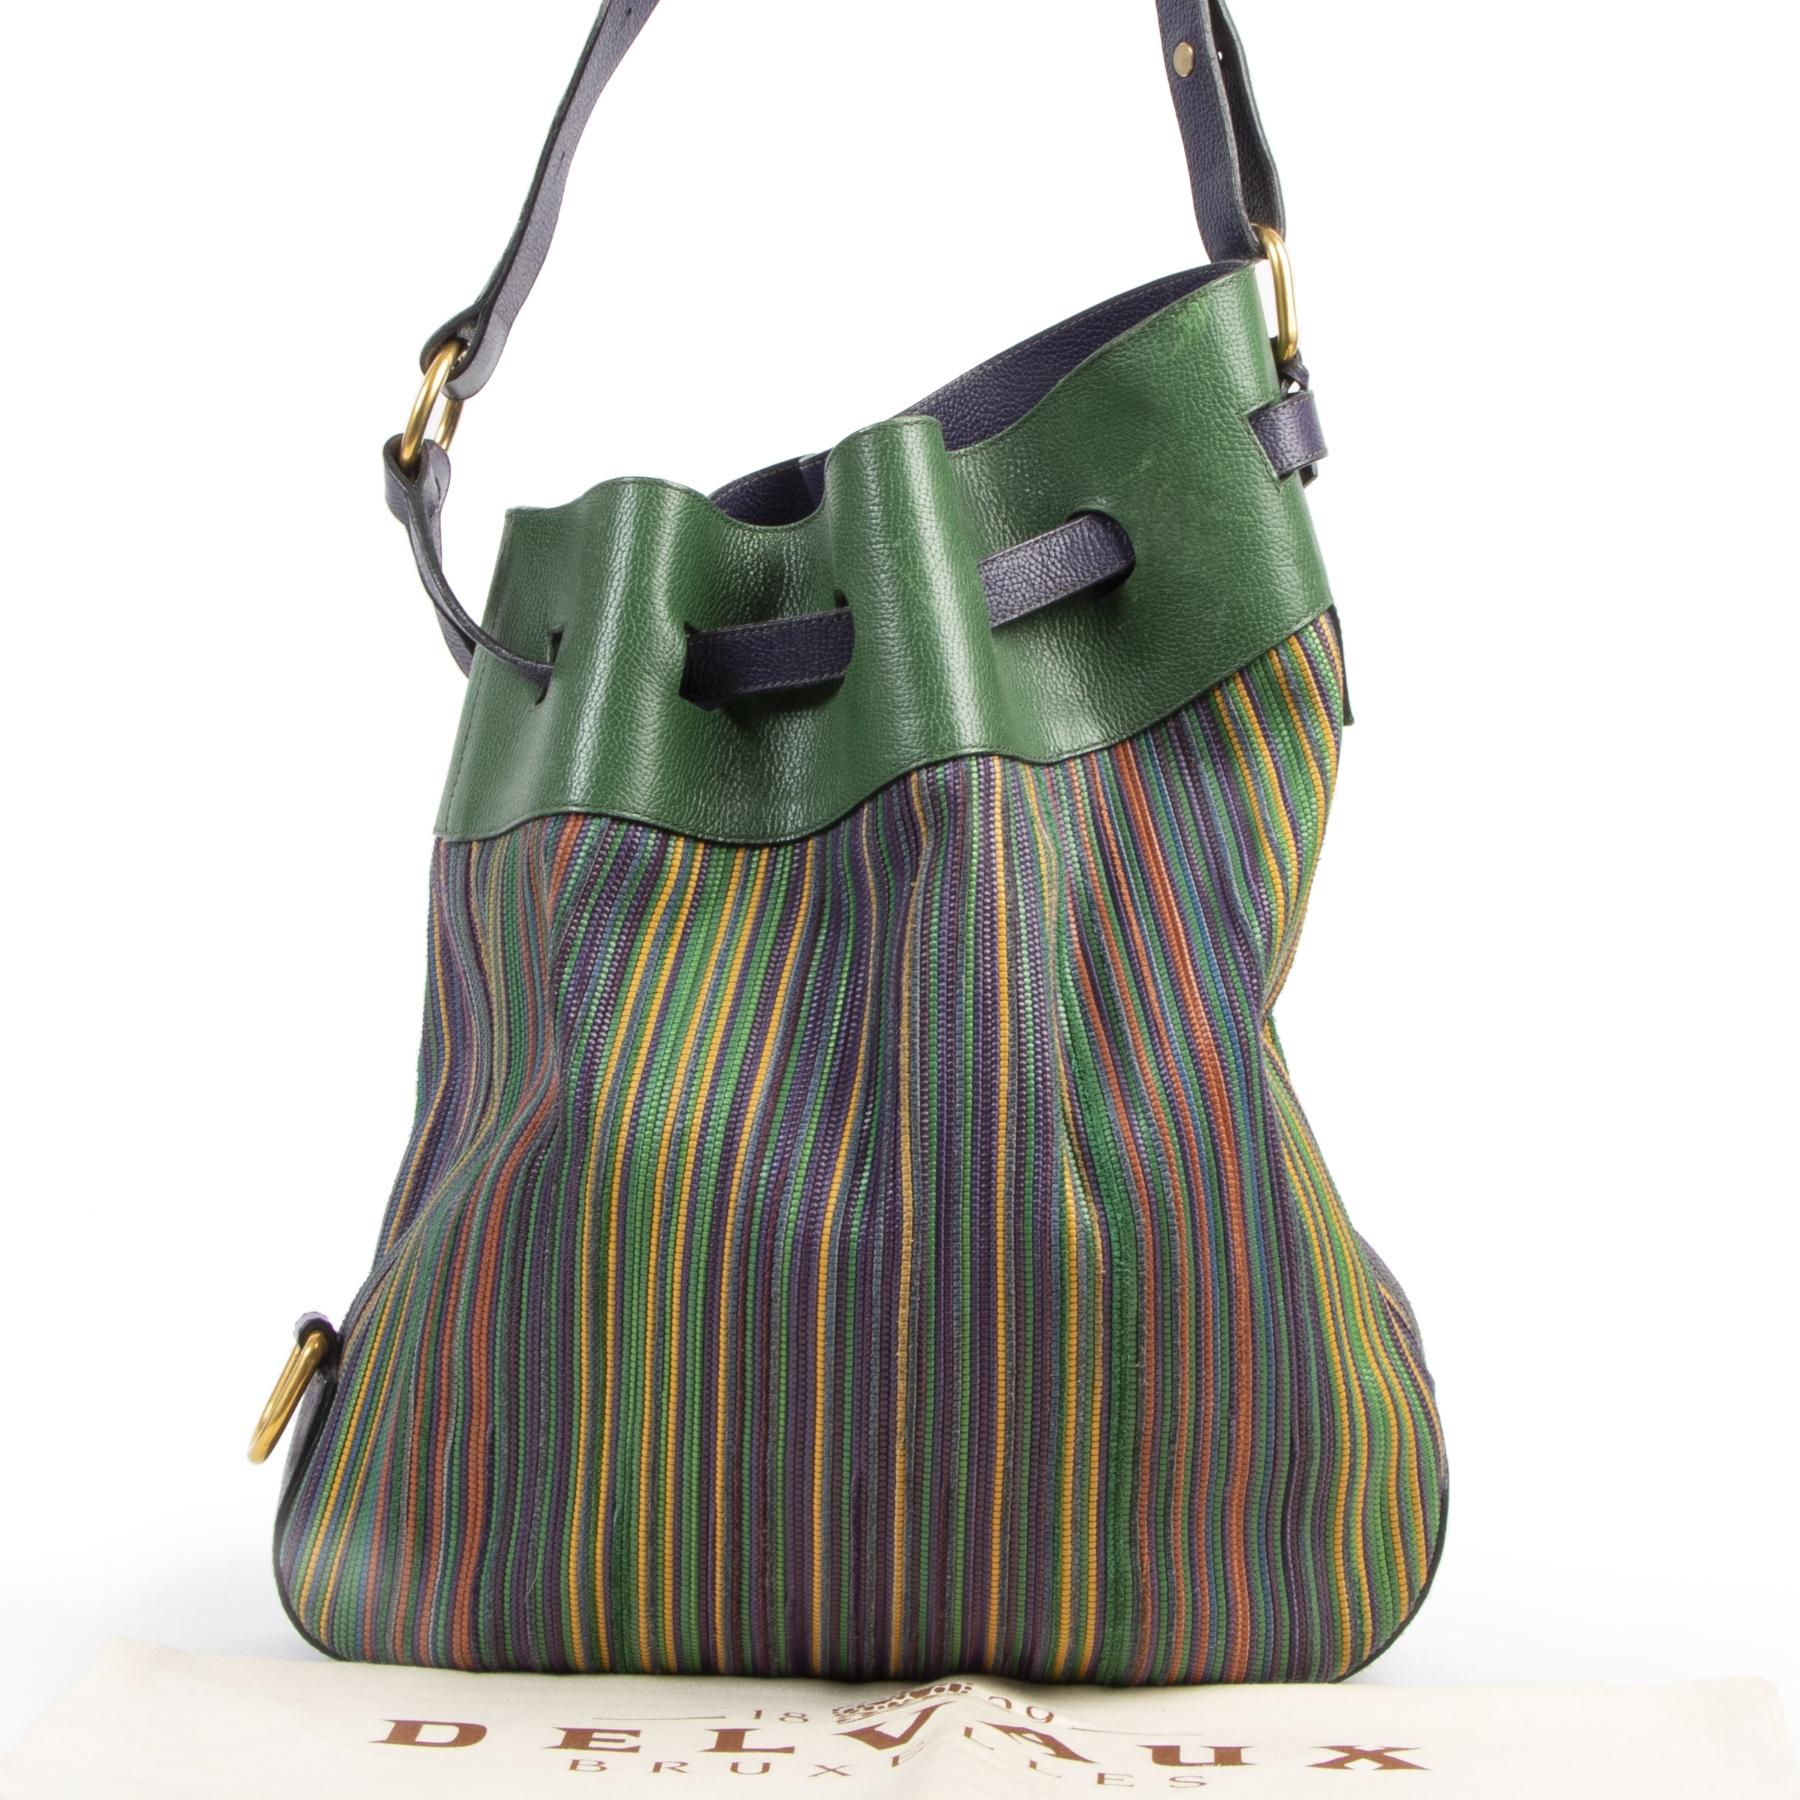 acheter en ligne seconde main Delvaux Toile De Cuire Shoulder Bag